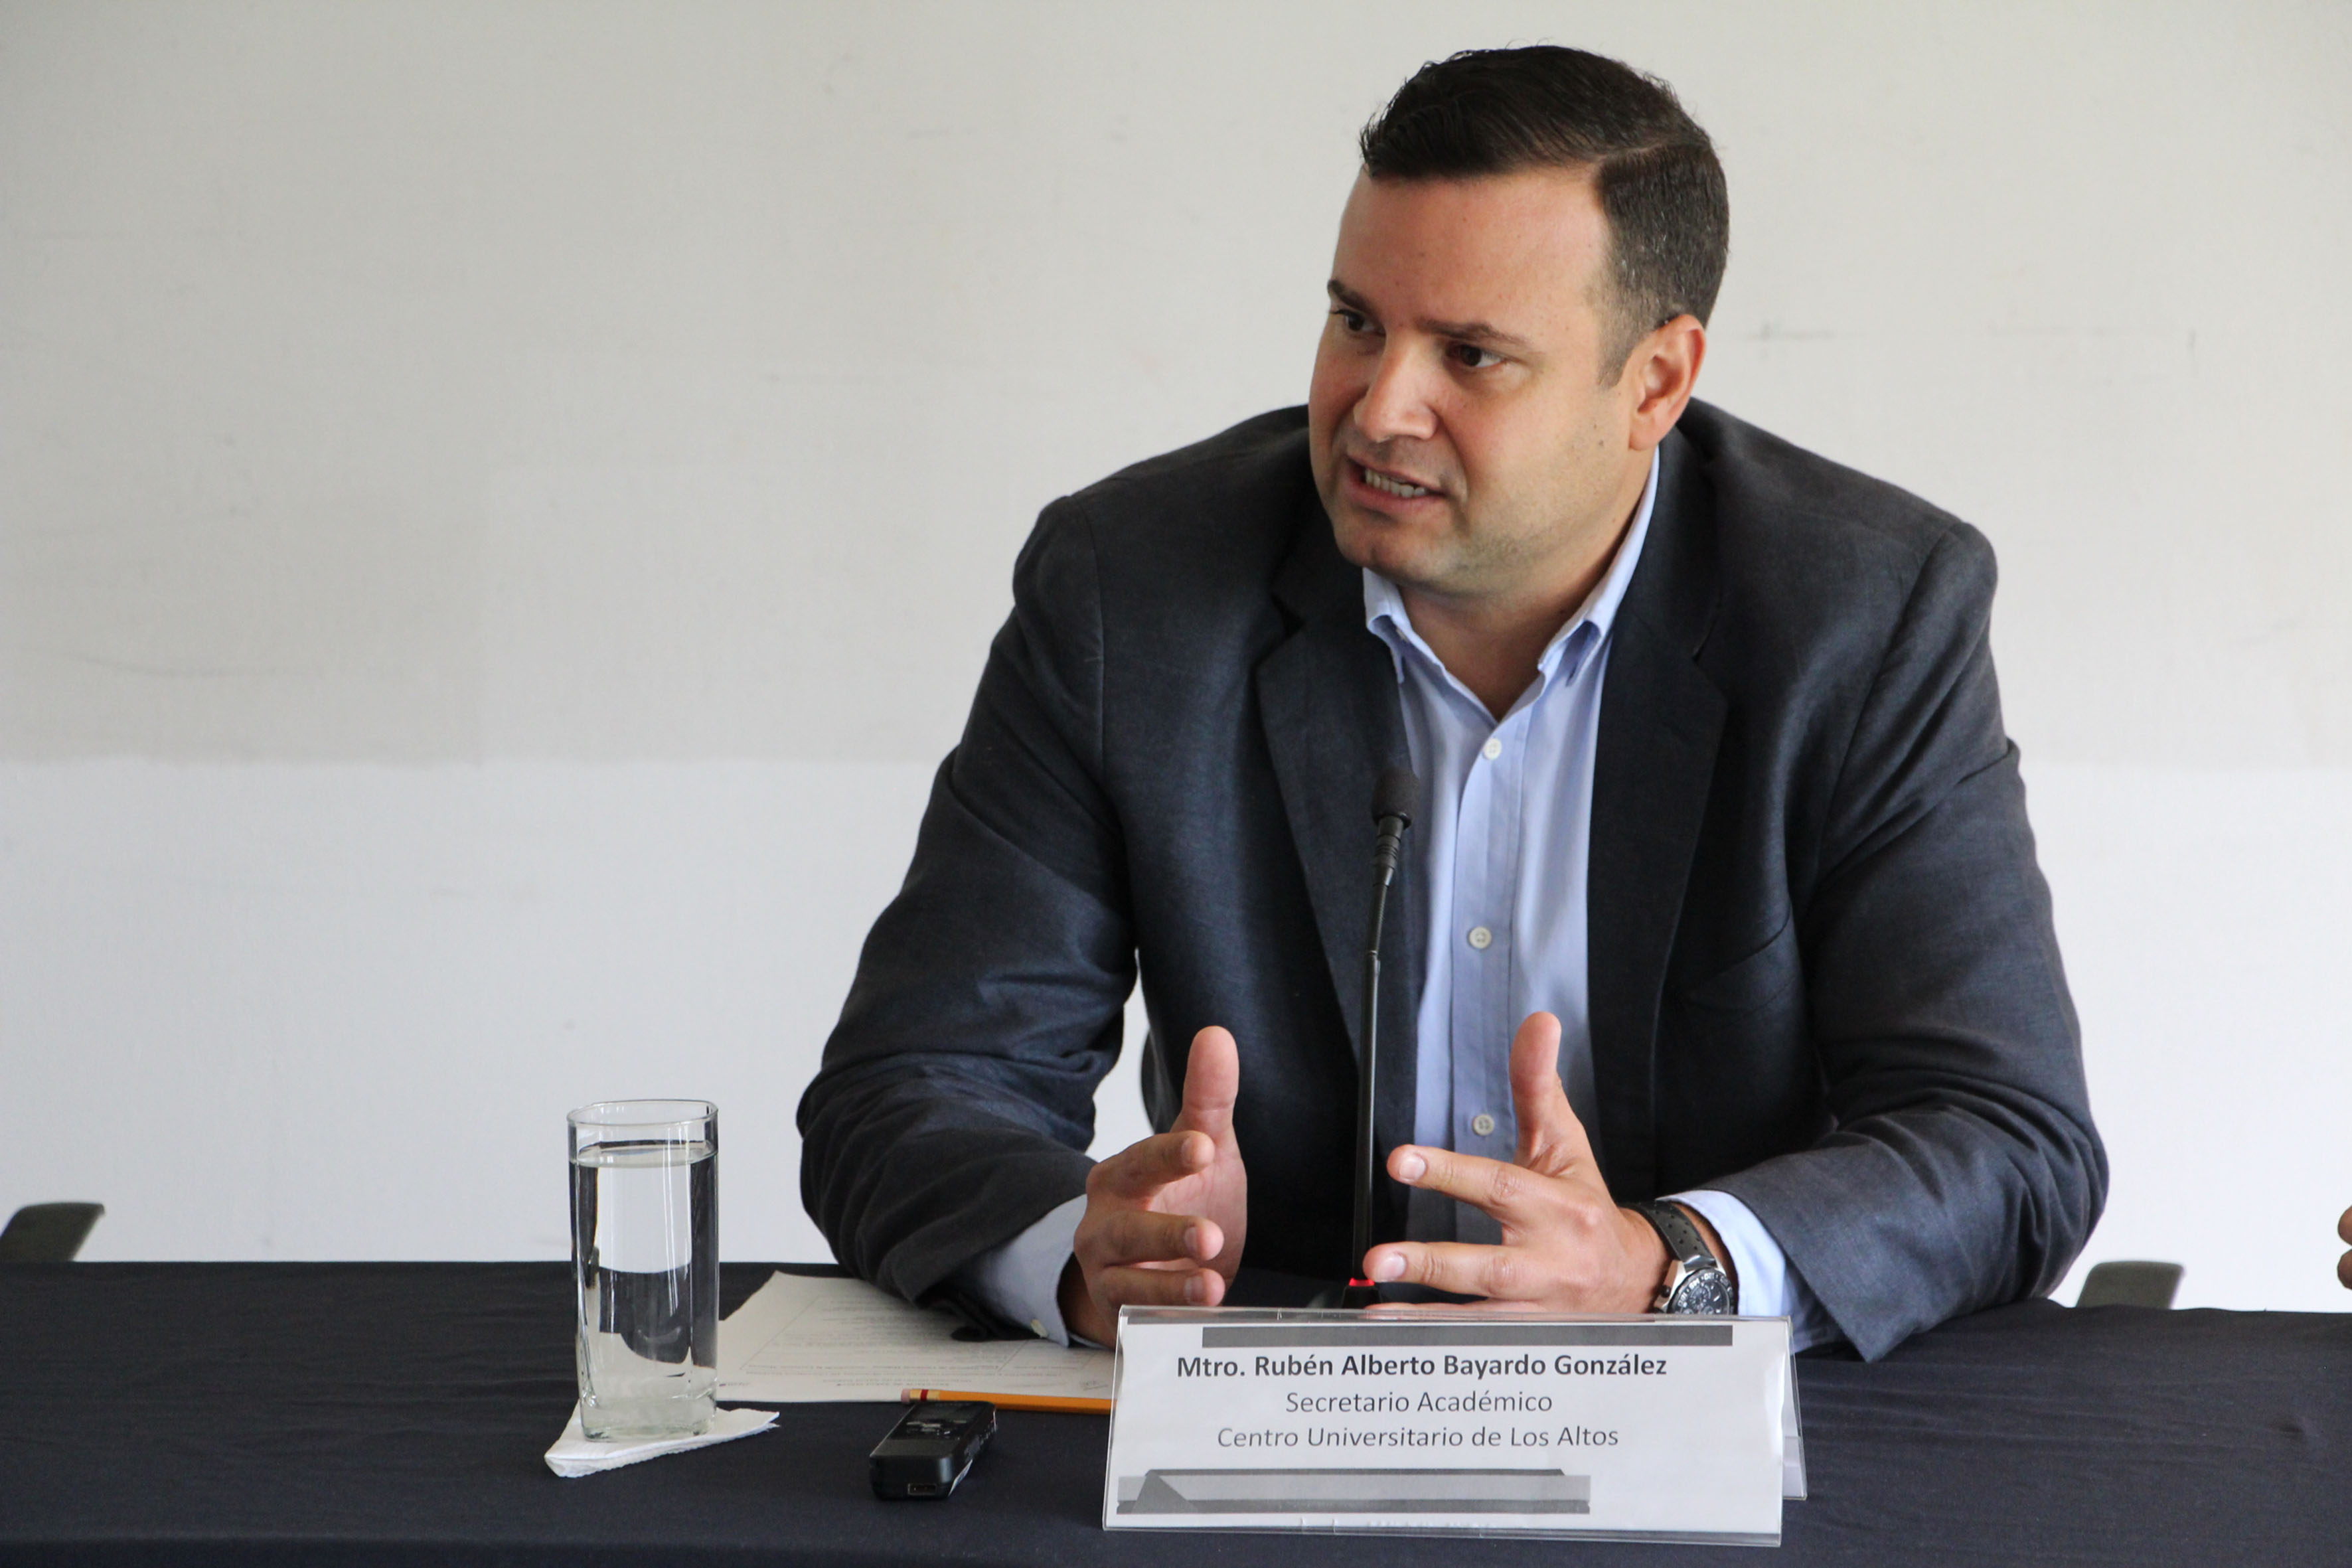 Mtro. Ruben Alberto Bayardo Gonzalez participando en rueda de prensa haciendo uso de la palabra